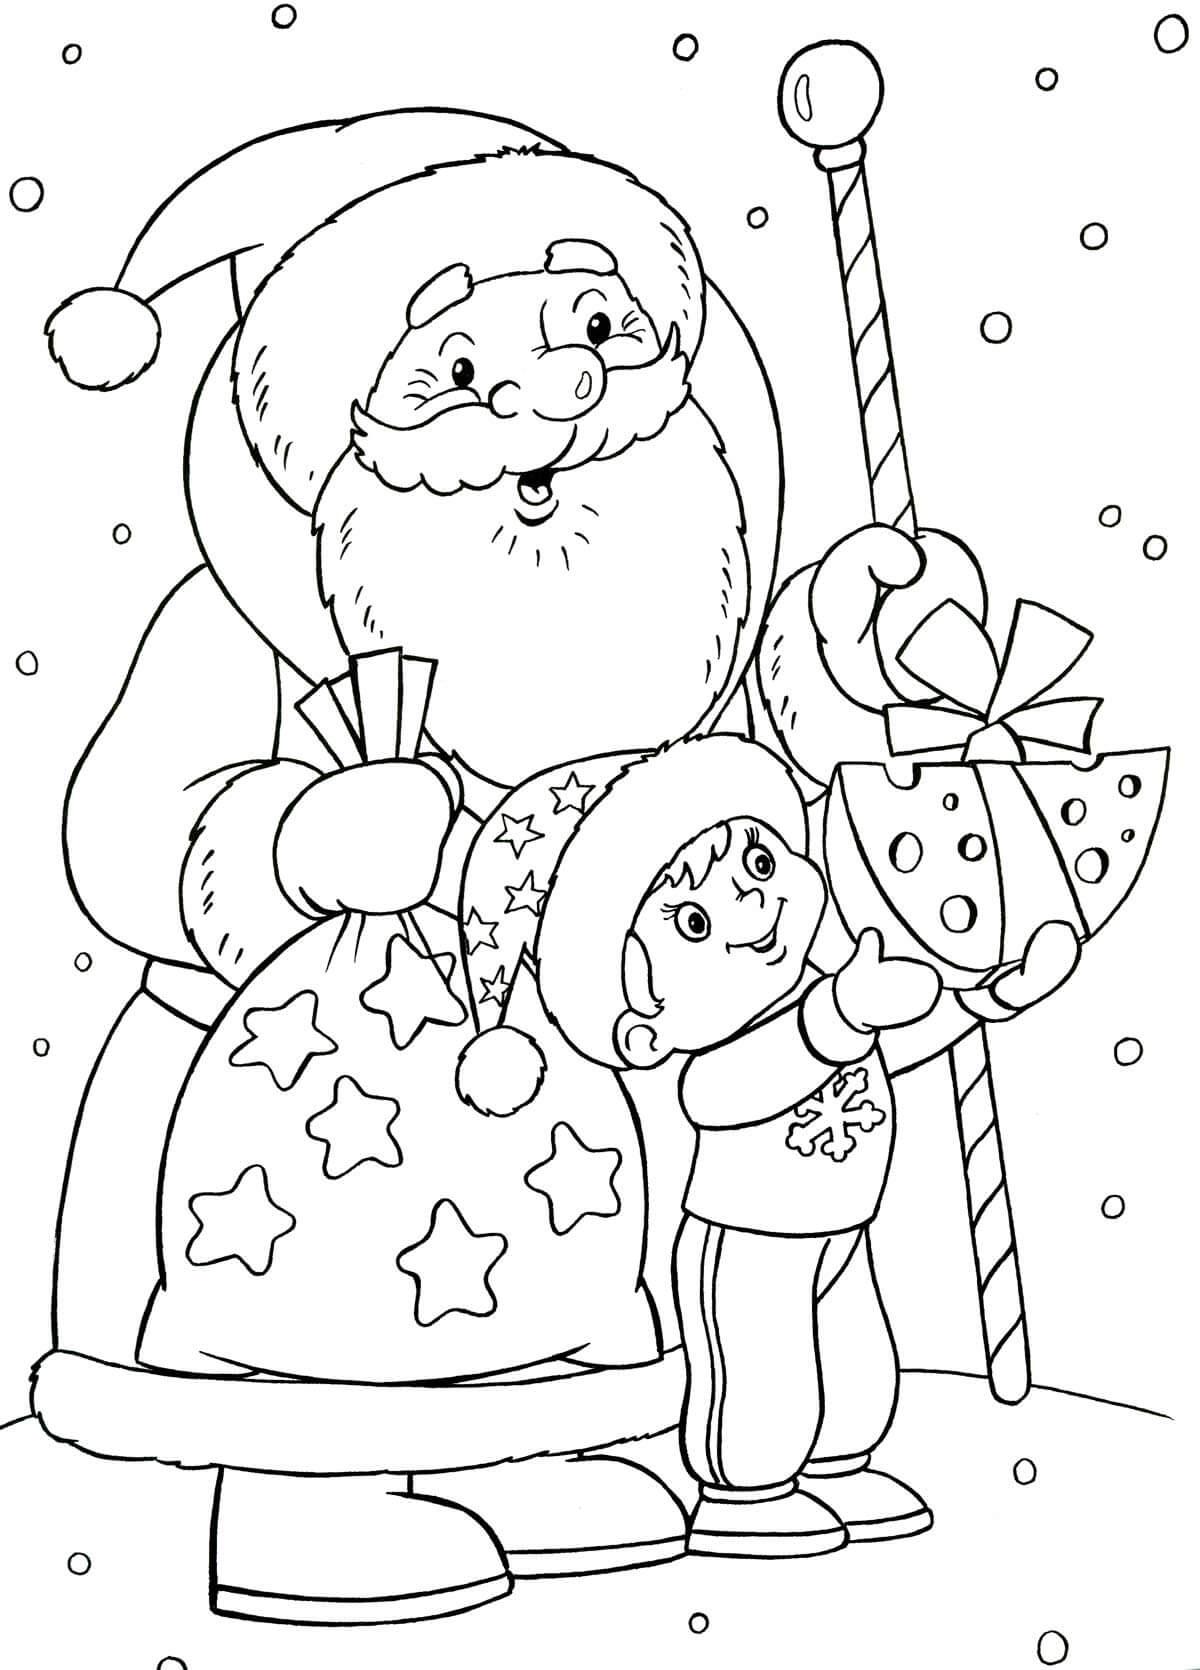 Лучшие новогодние картинки для детей для срисовки - подборка 1